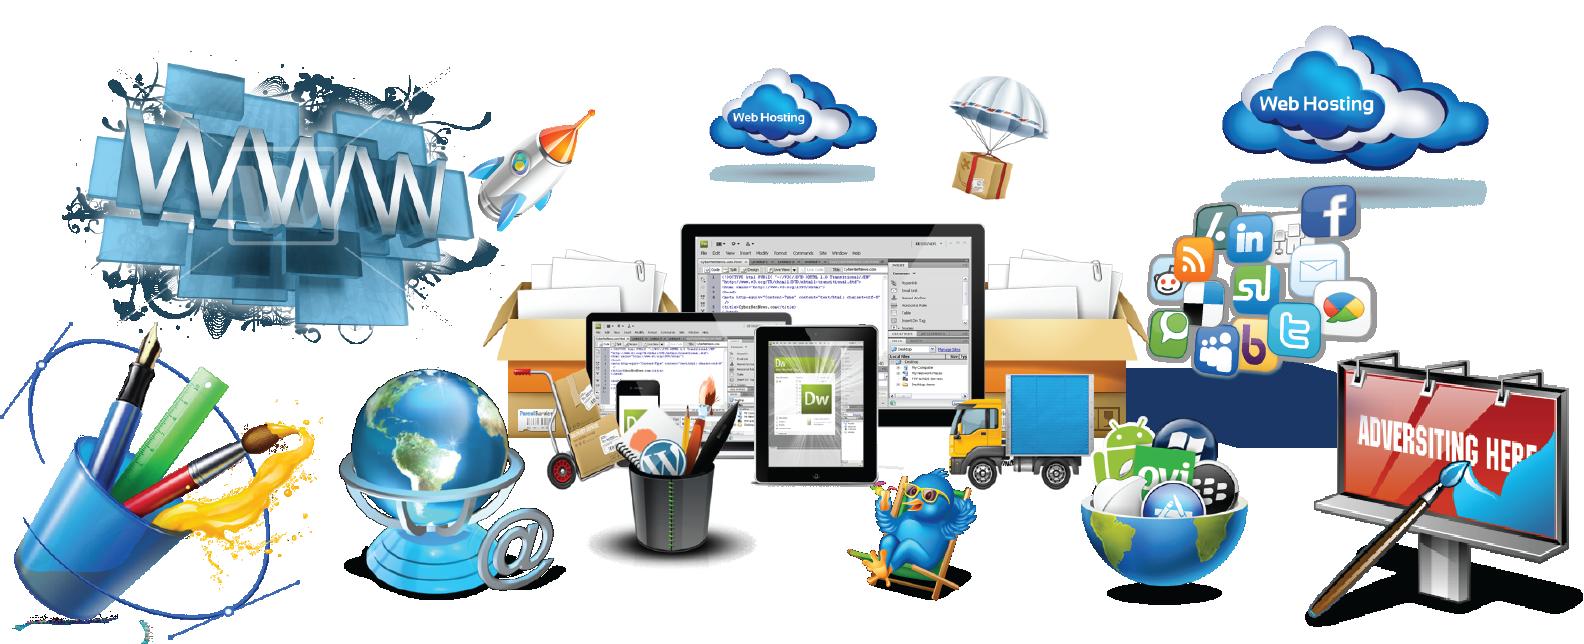 Search Engine Optimization Company in Delhi | SEO Services in Delhi